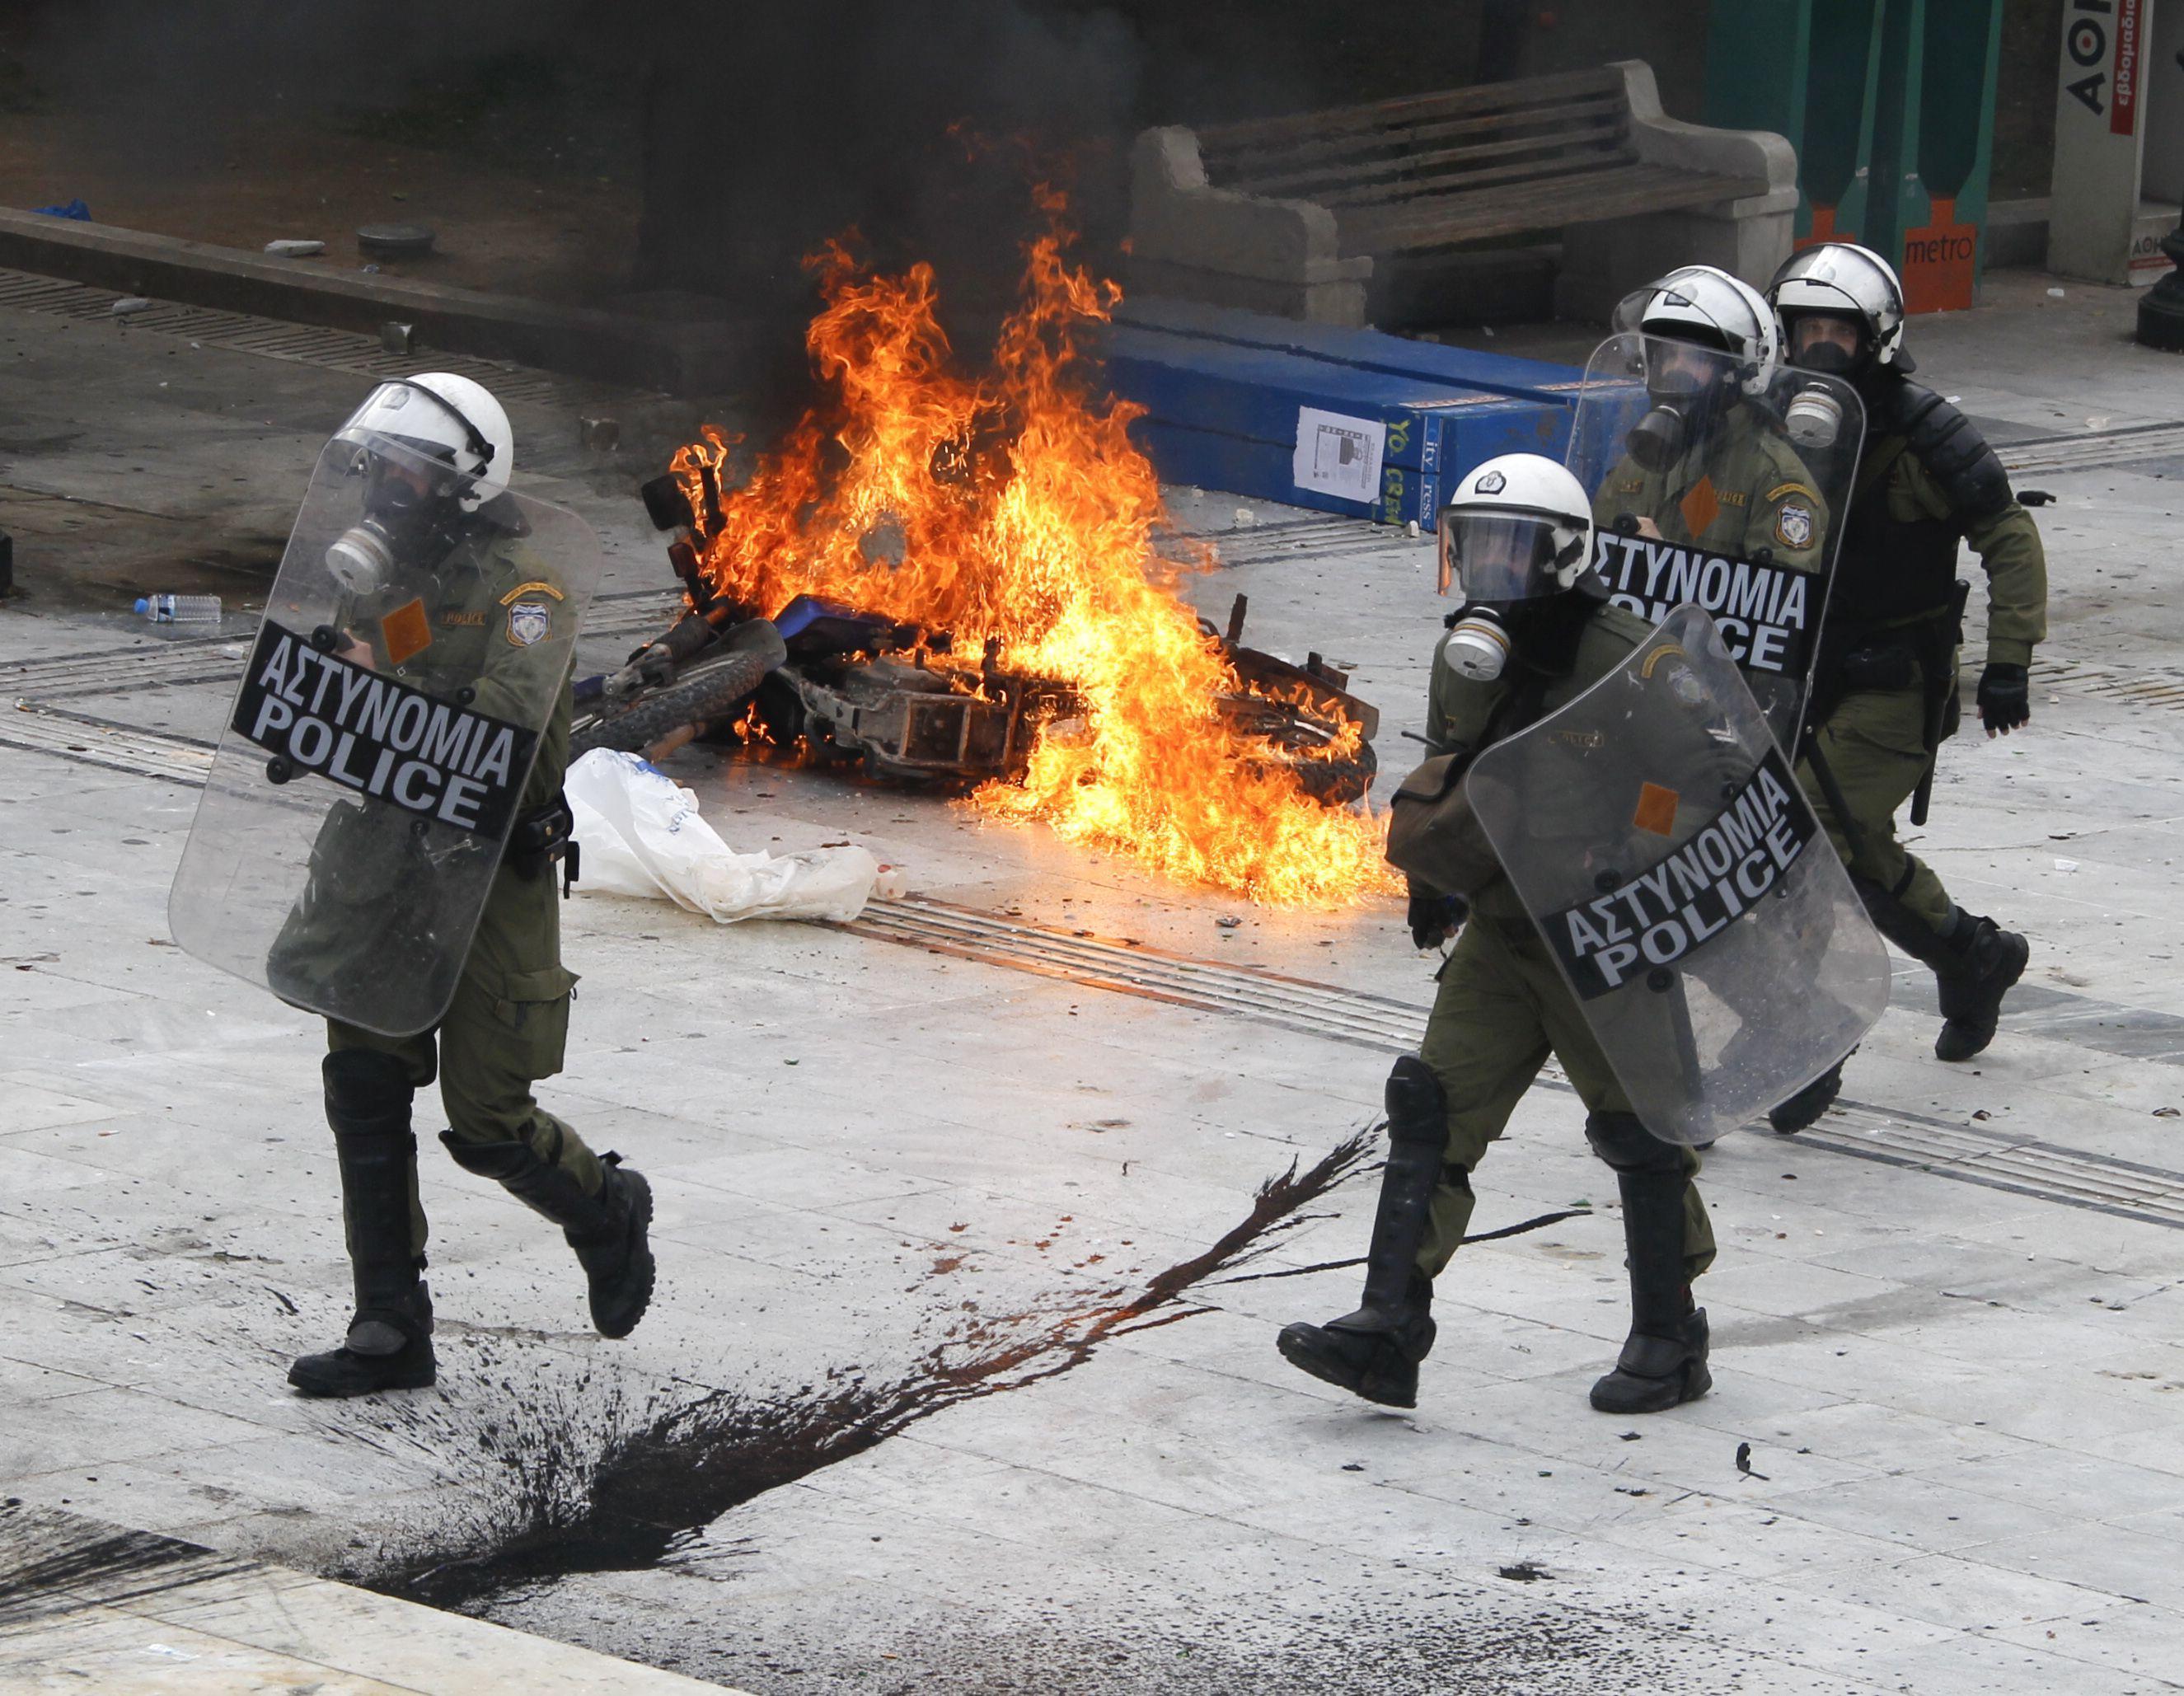 Κάηκαν 2 μηχανές της Ομάδας ΔΕΛΤΑ - Λιπόθυμος ένας διαδηλωτής